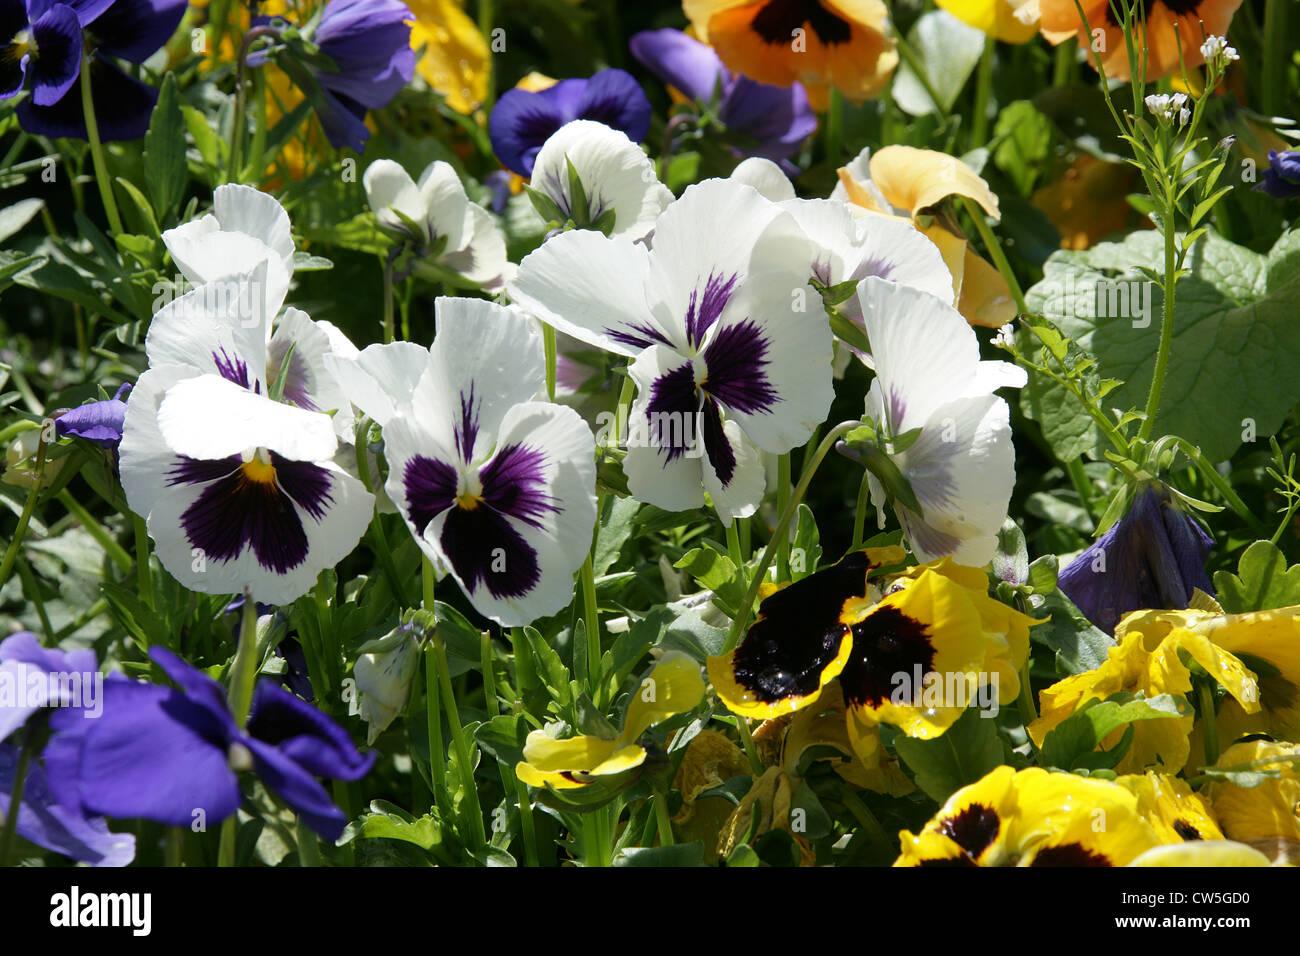 Garden Pansies, Viola × wittrockiana, Violaceae. - Stock Image